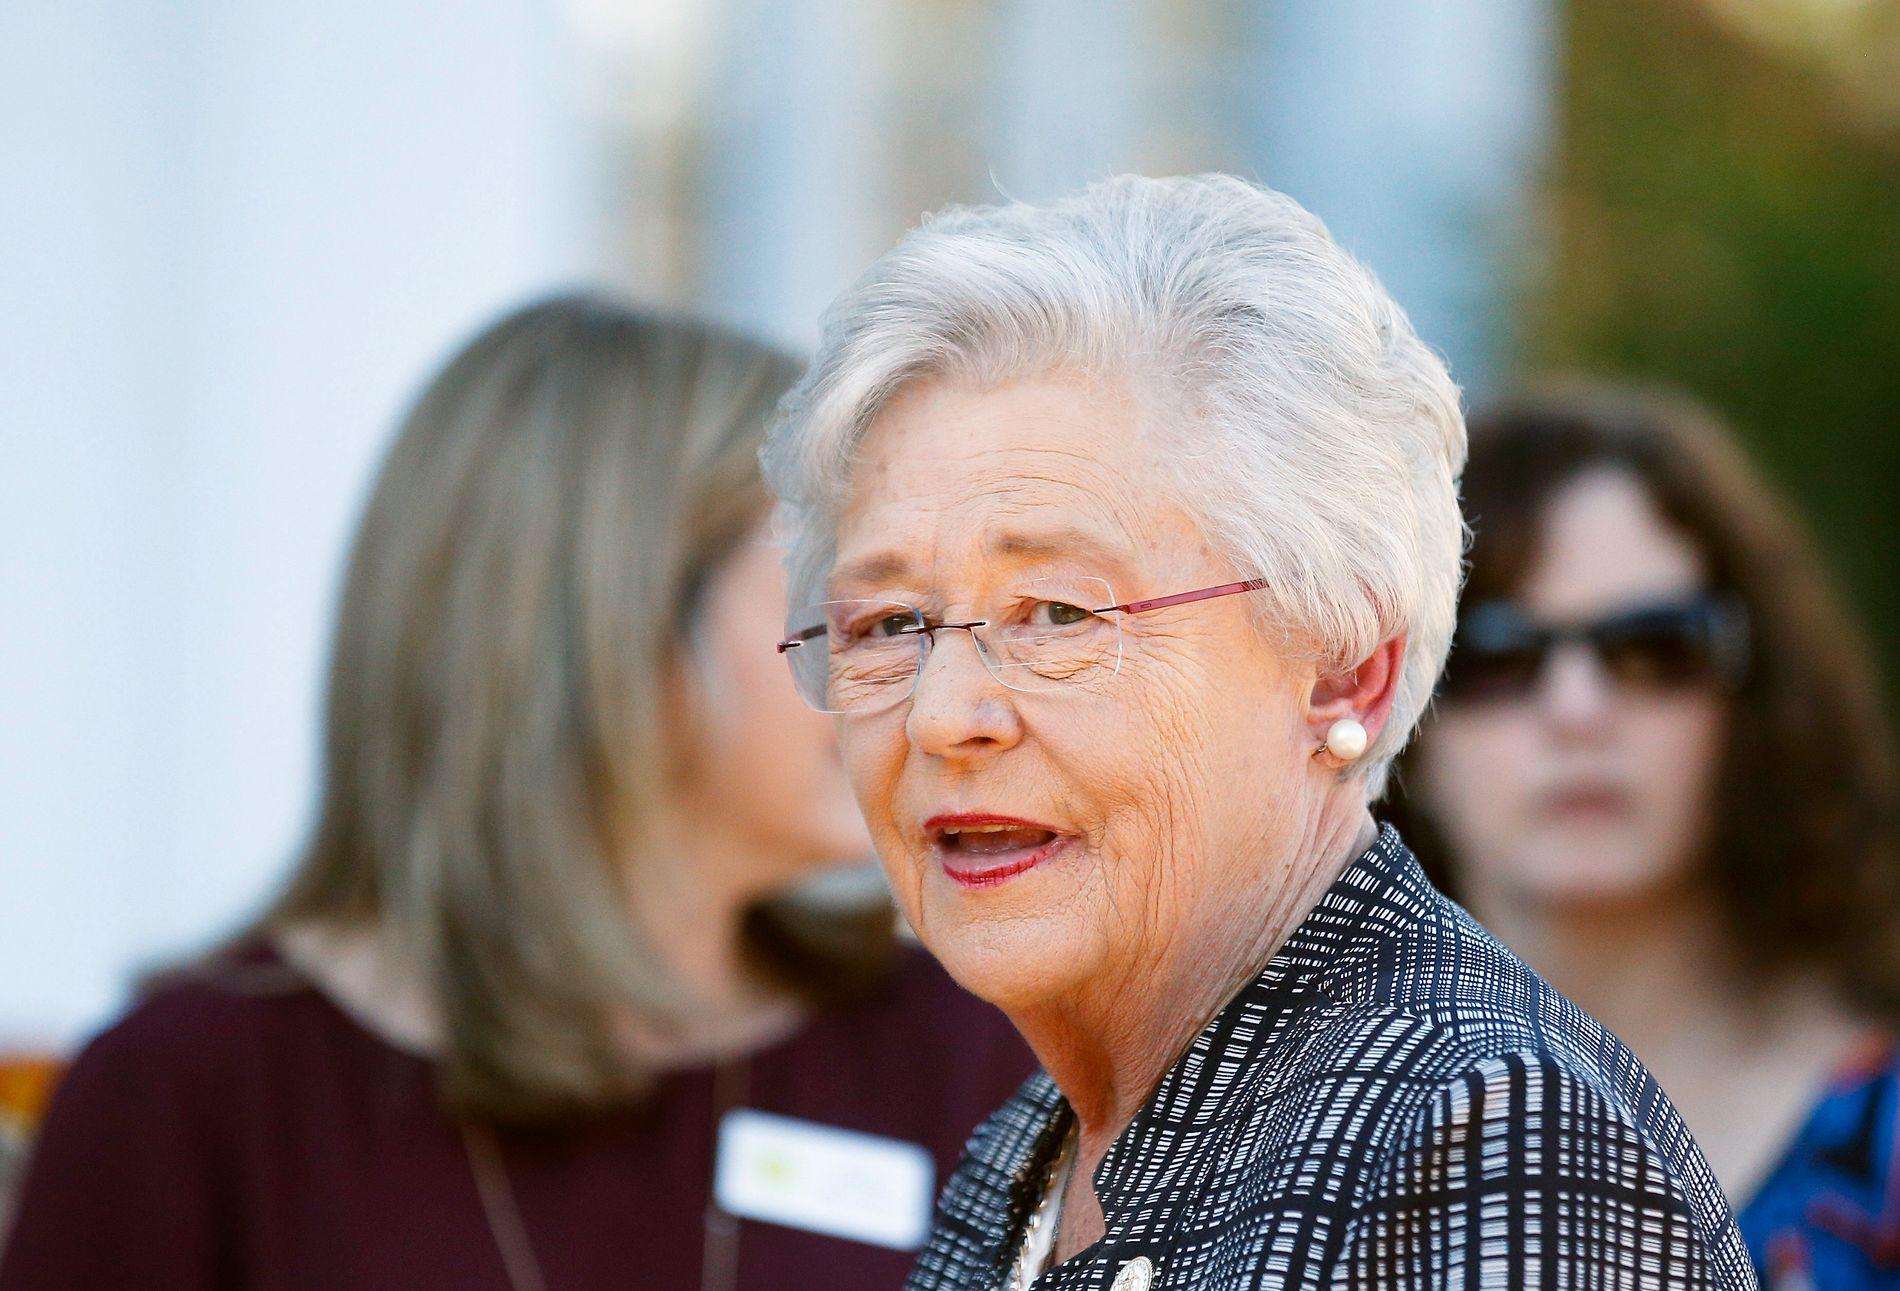 HAR VETO: Guvernør Kay Ivey.